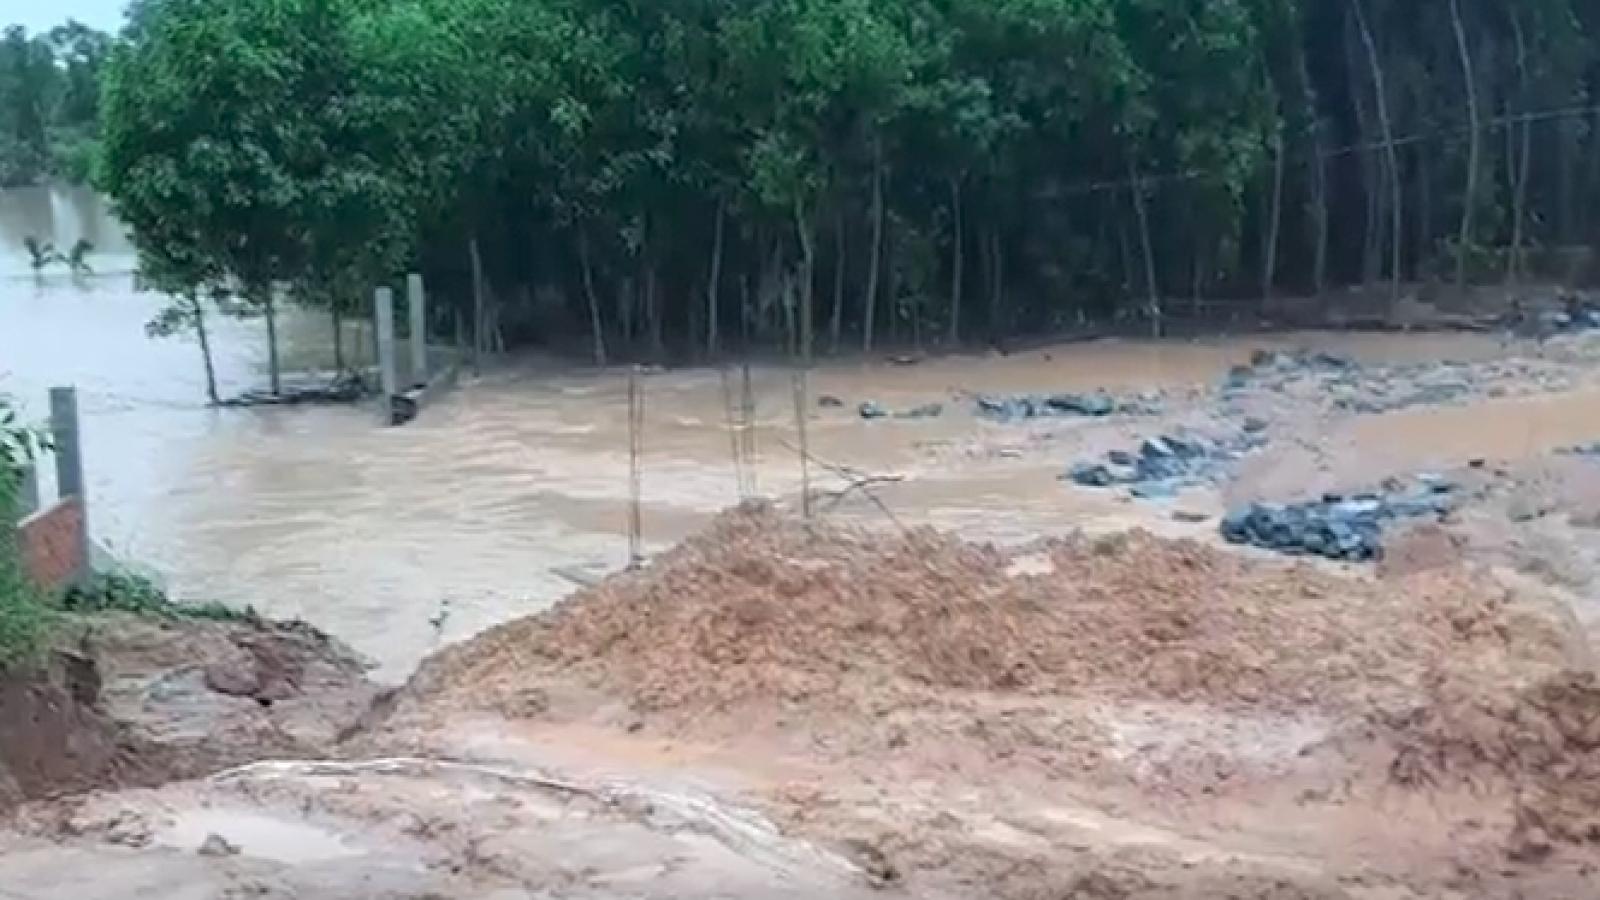 Vỡ đập thủy lợi ở Quảng Nam, hàng trăm ngàn m3 nước đổ xuống hạ du